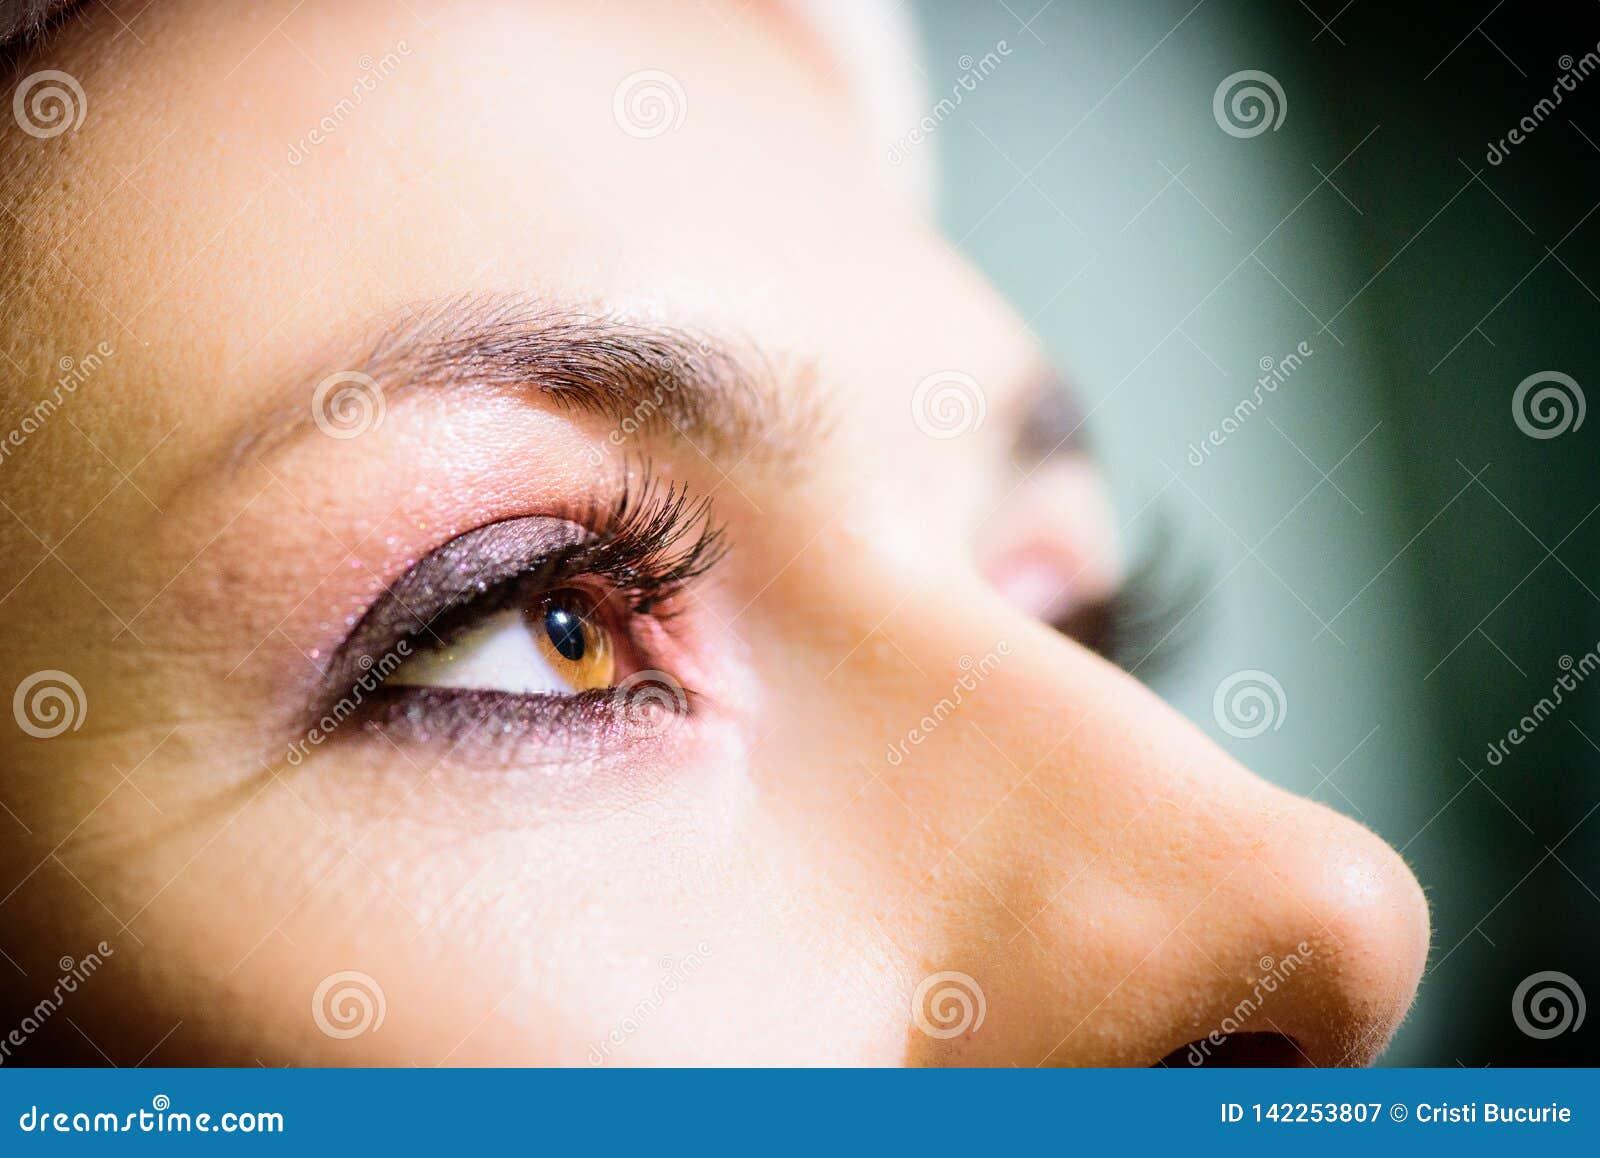 美丽的棕色眼睛特写镜头 构成时尚眼睛